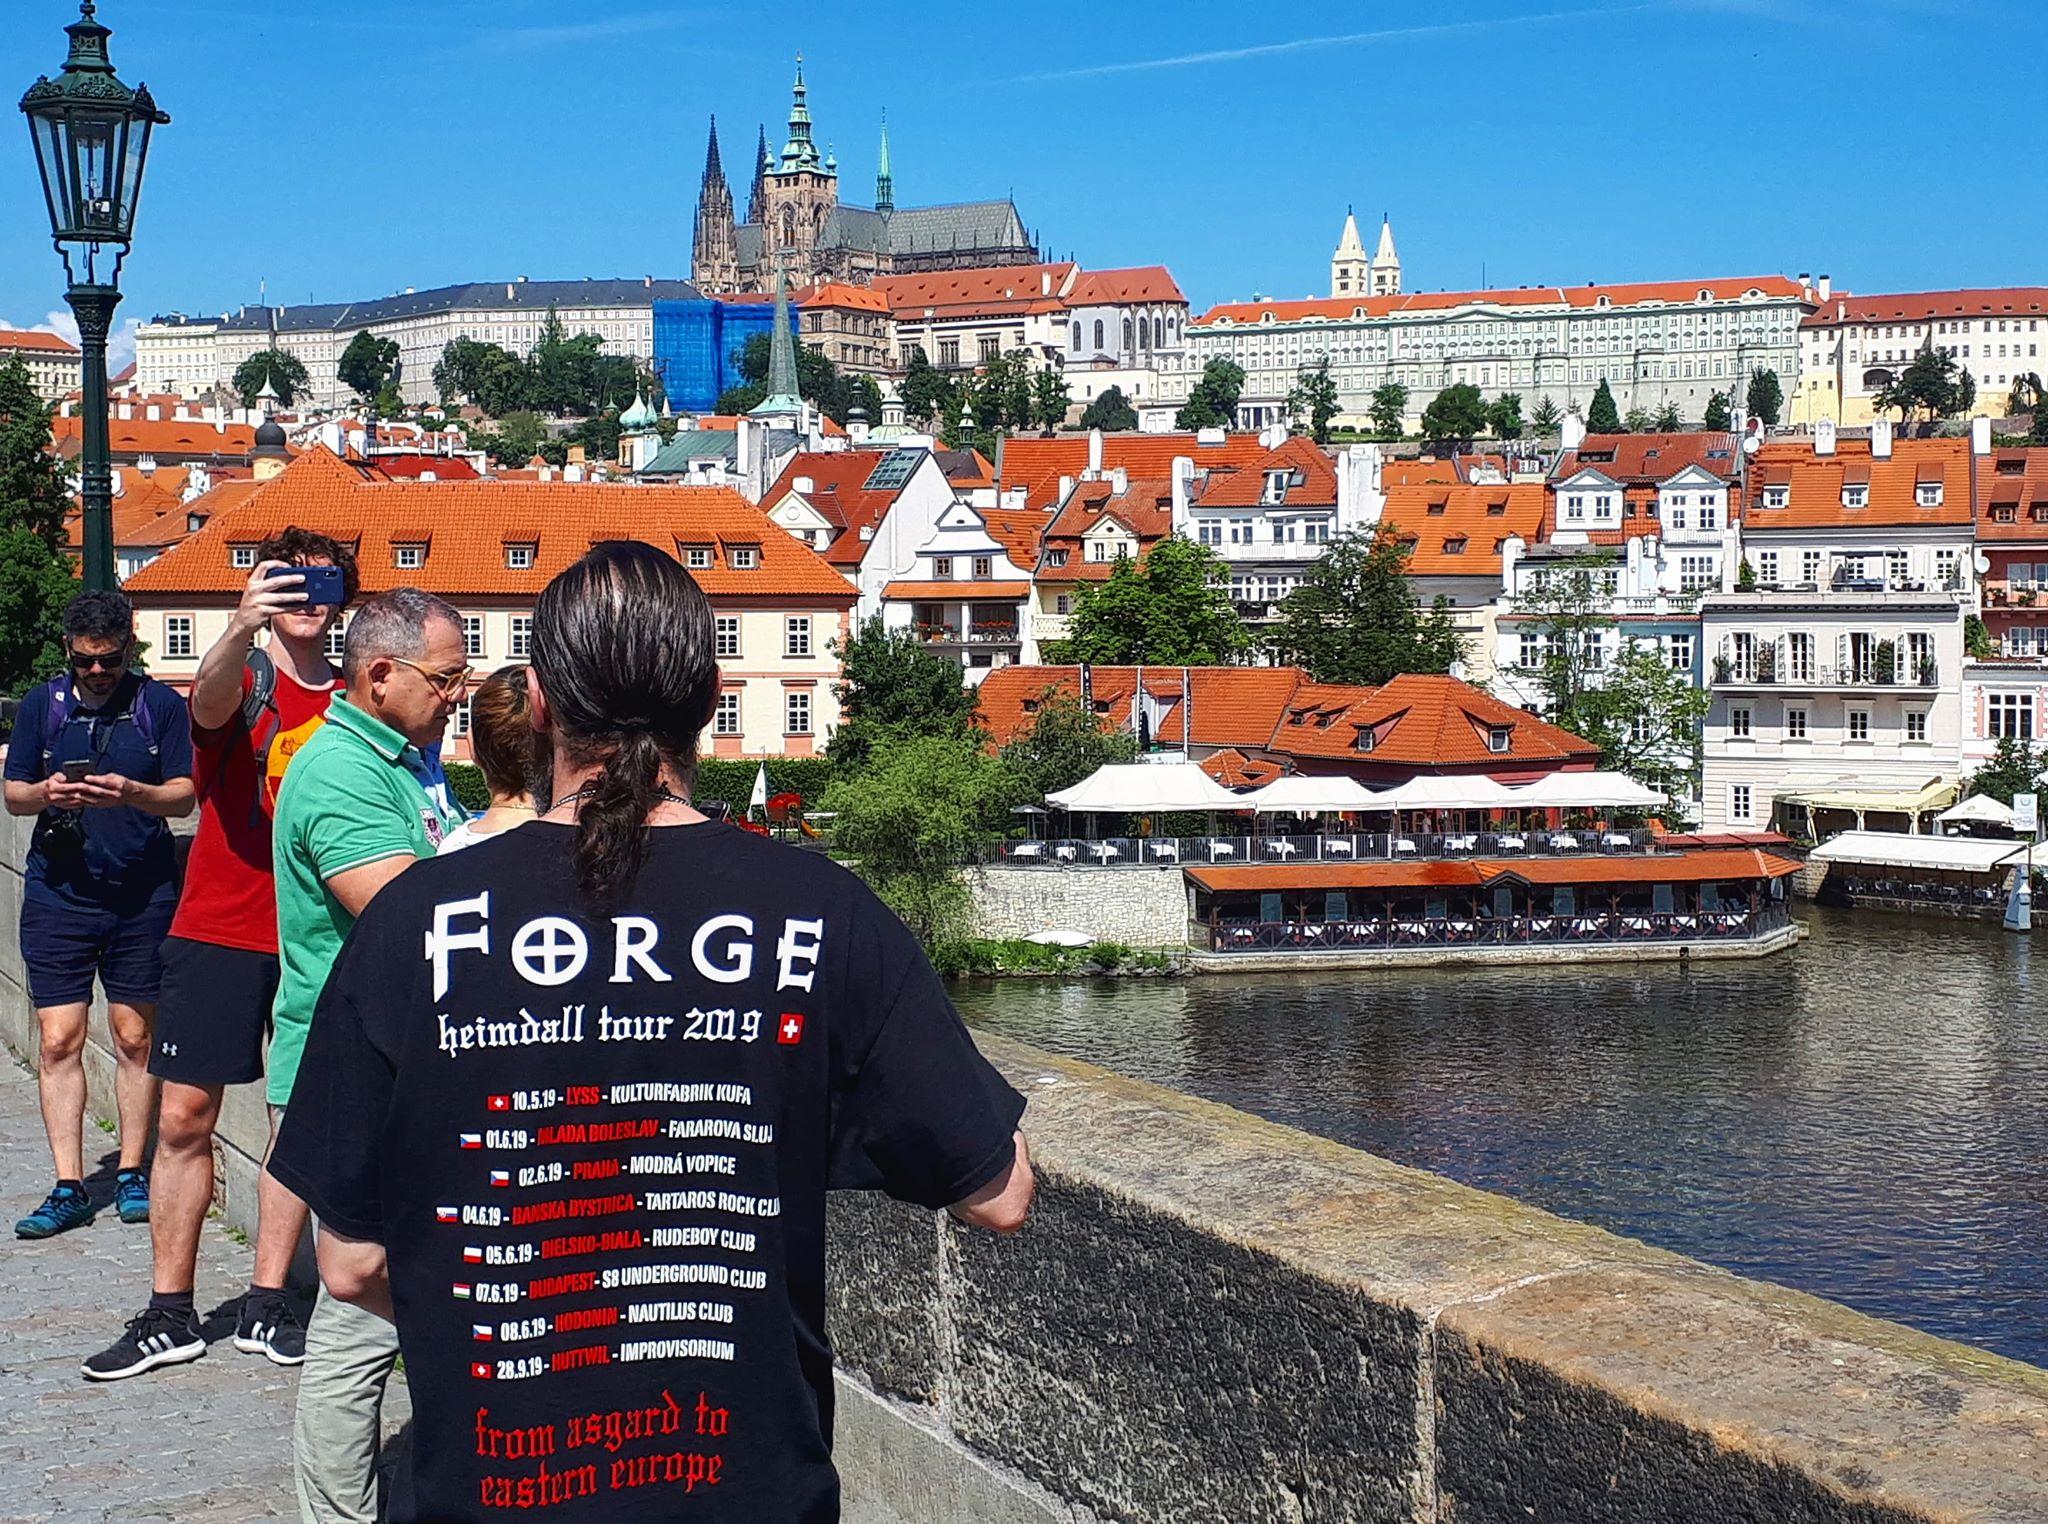 Forge in Prag